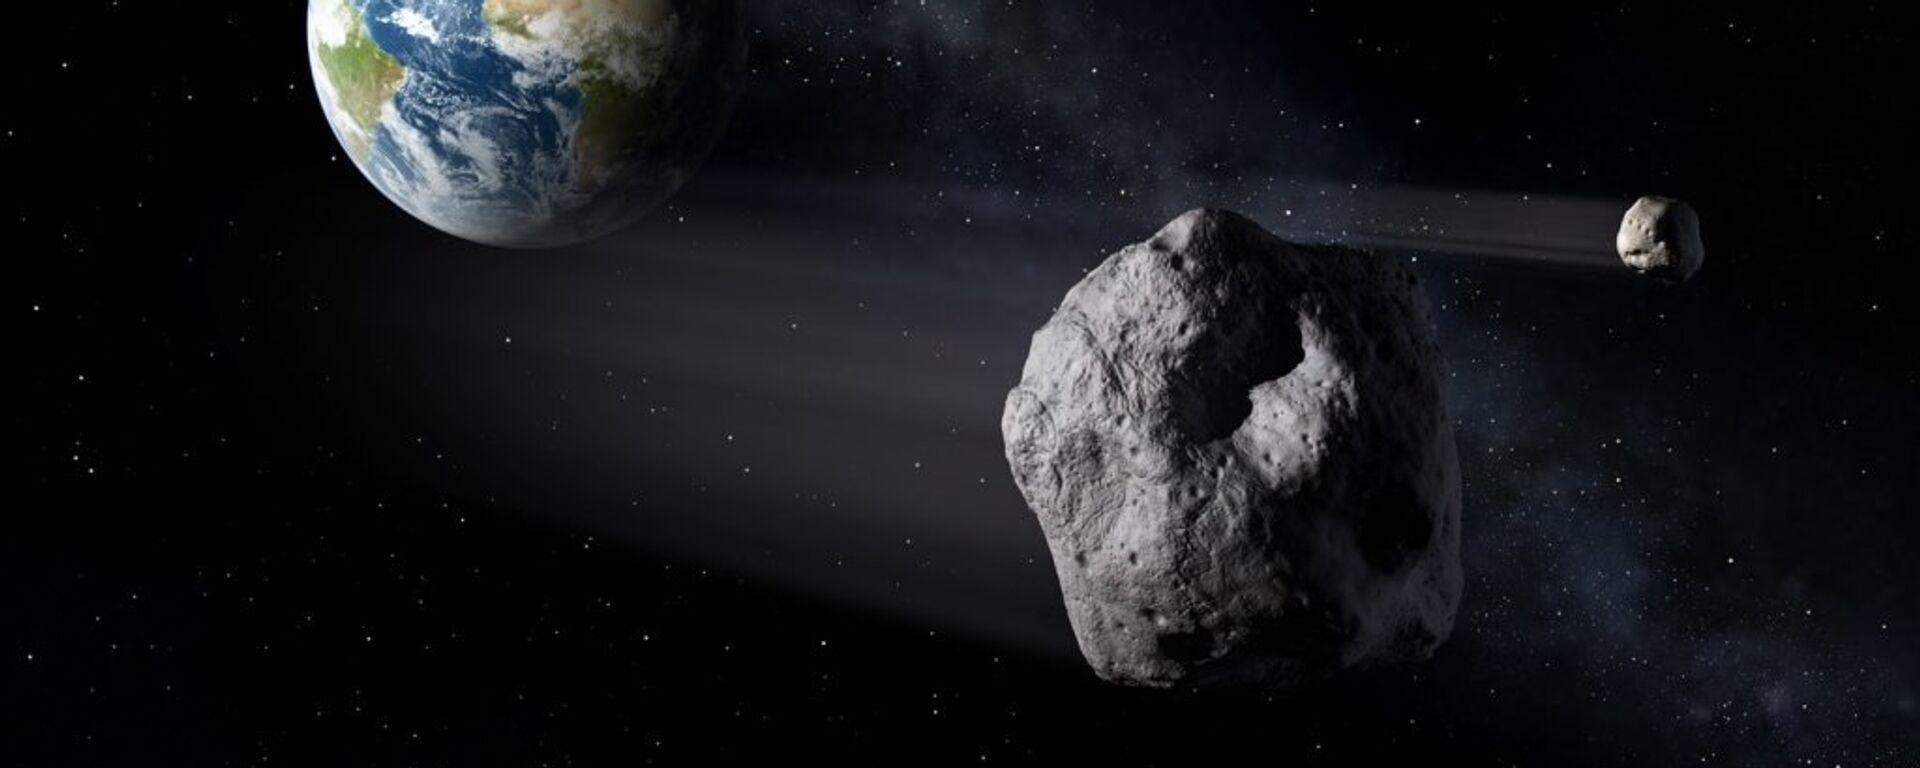 Dünya, asteroit - Sputnik Türkiye, 1920, 16.12.2020